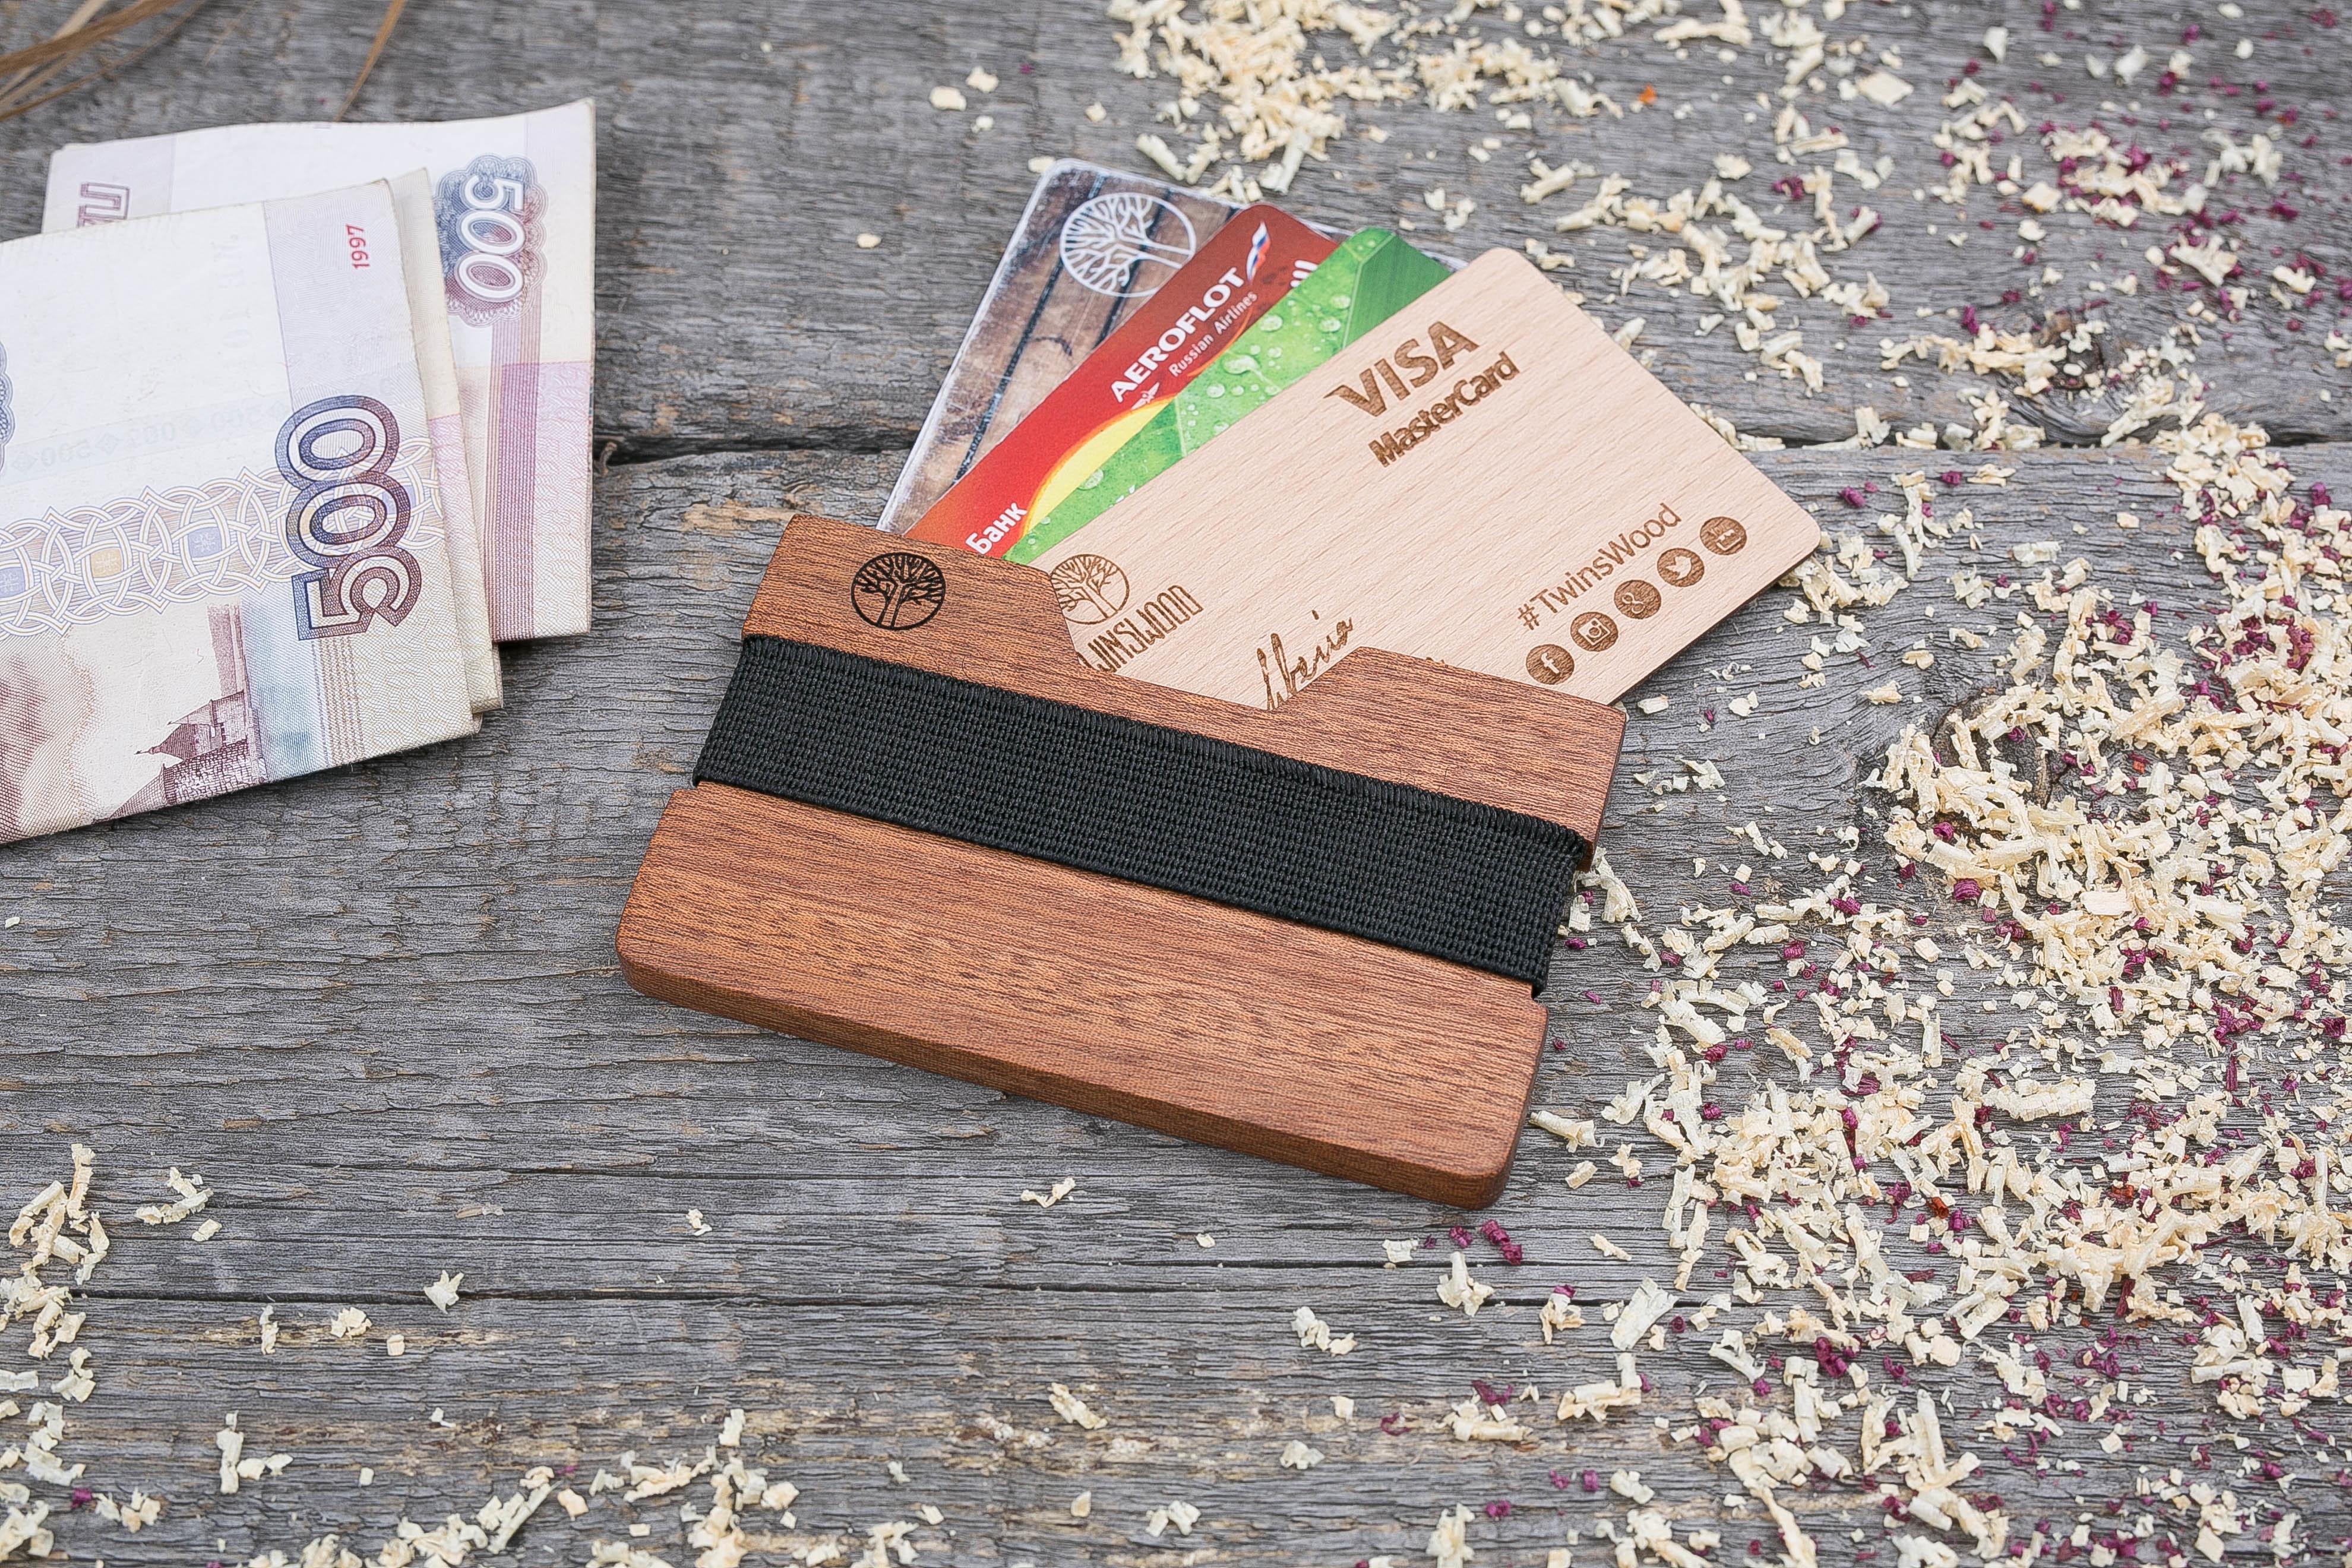 Деревянный кошелек  из сапеле. Горизонтальная загрузка. Для 1-6 пластиковых карт и купюр. Поддержка Apple Pay. Гравировка имени или логотипа. Бизнес сувенир. Подарок другу. Именной кошелек